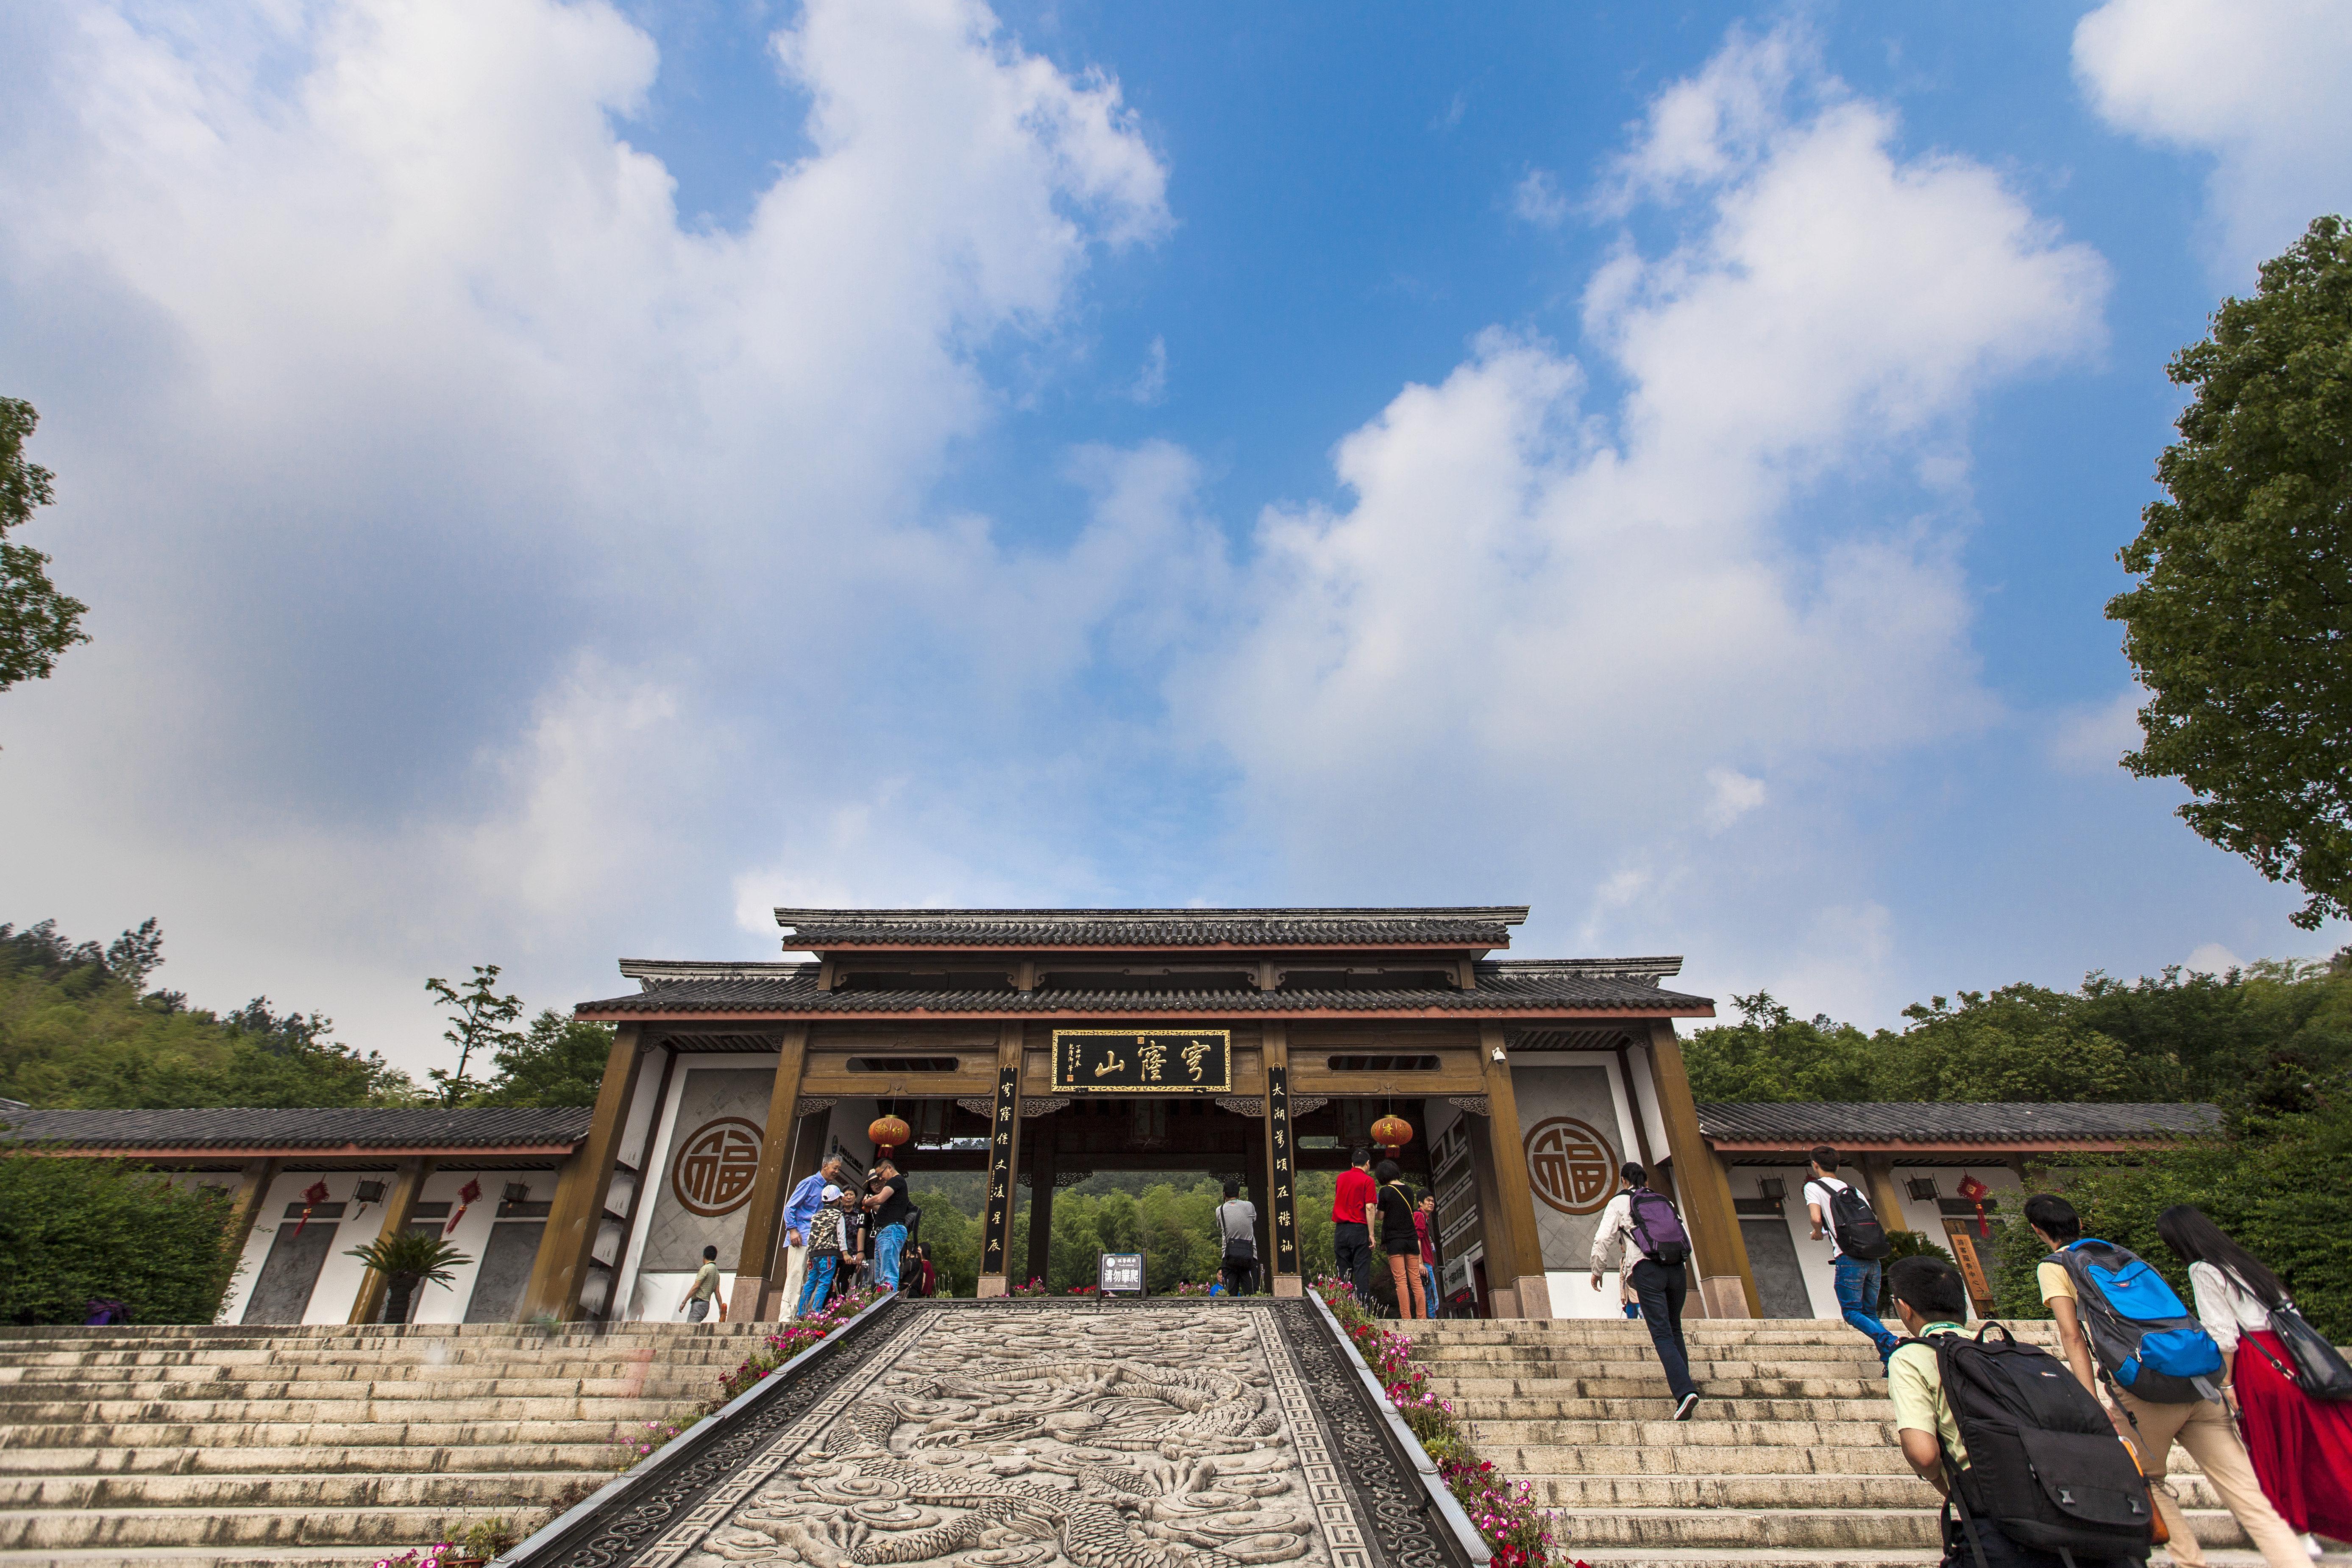 Suzhou Qionglong Mountain Ticket